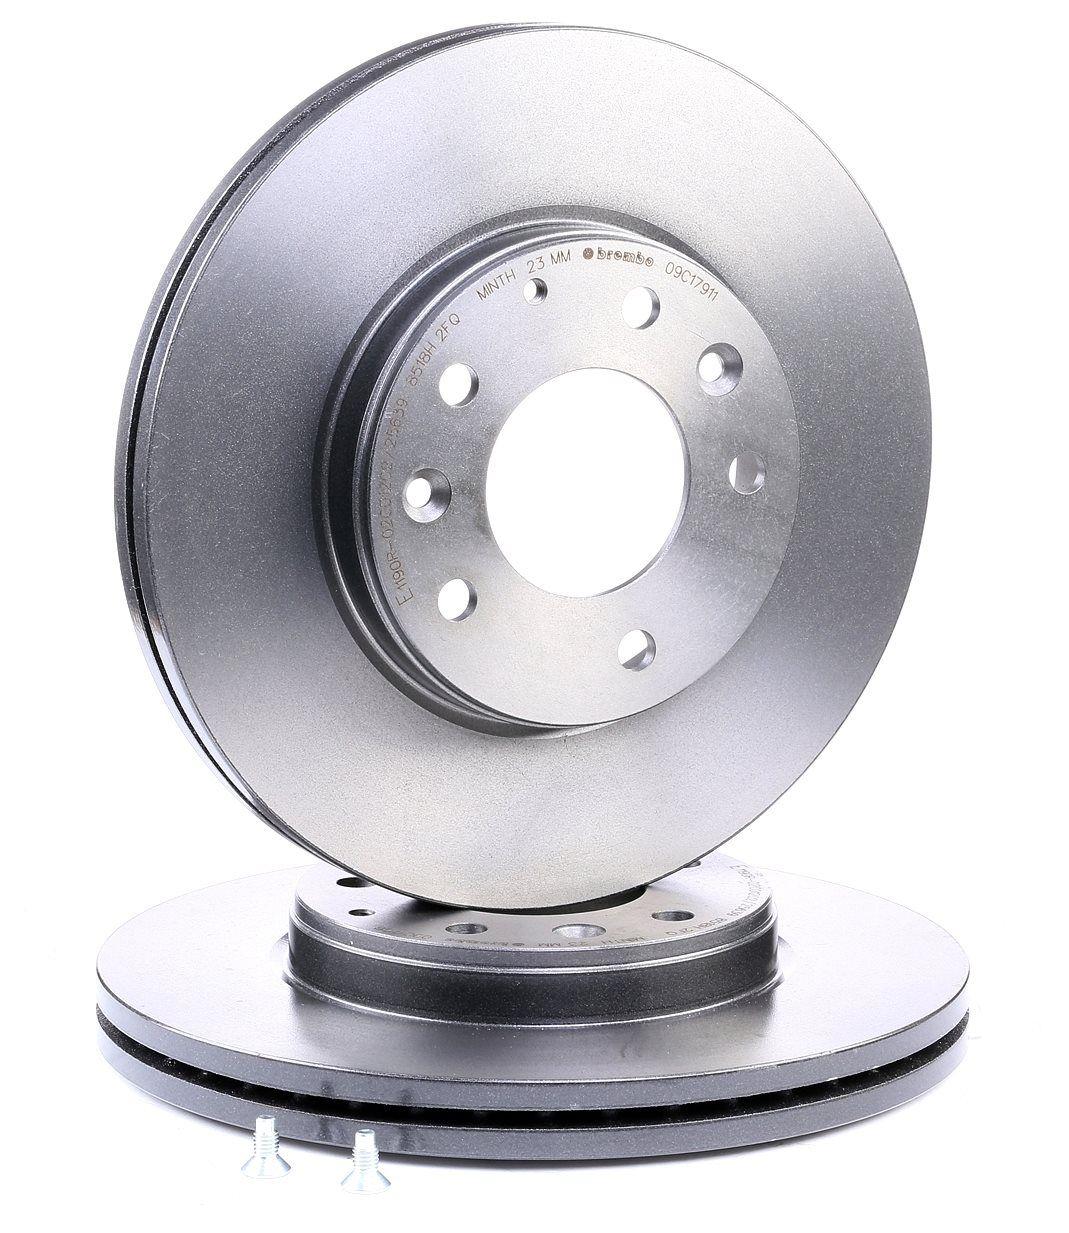 BREMBO: Original Bremsscheibe 09.C179.11 (Ø: 283mm, Lochanzahl: 5, Bremsscheibendicke: 25mm)